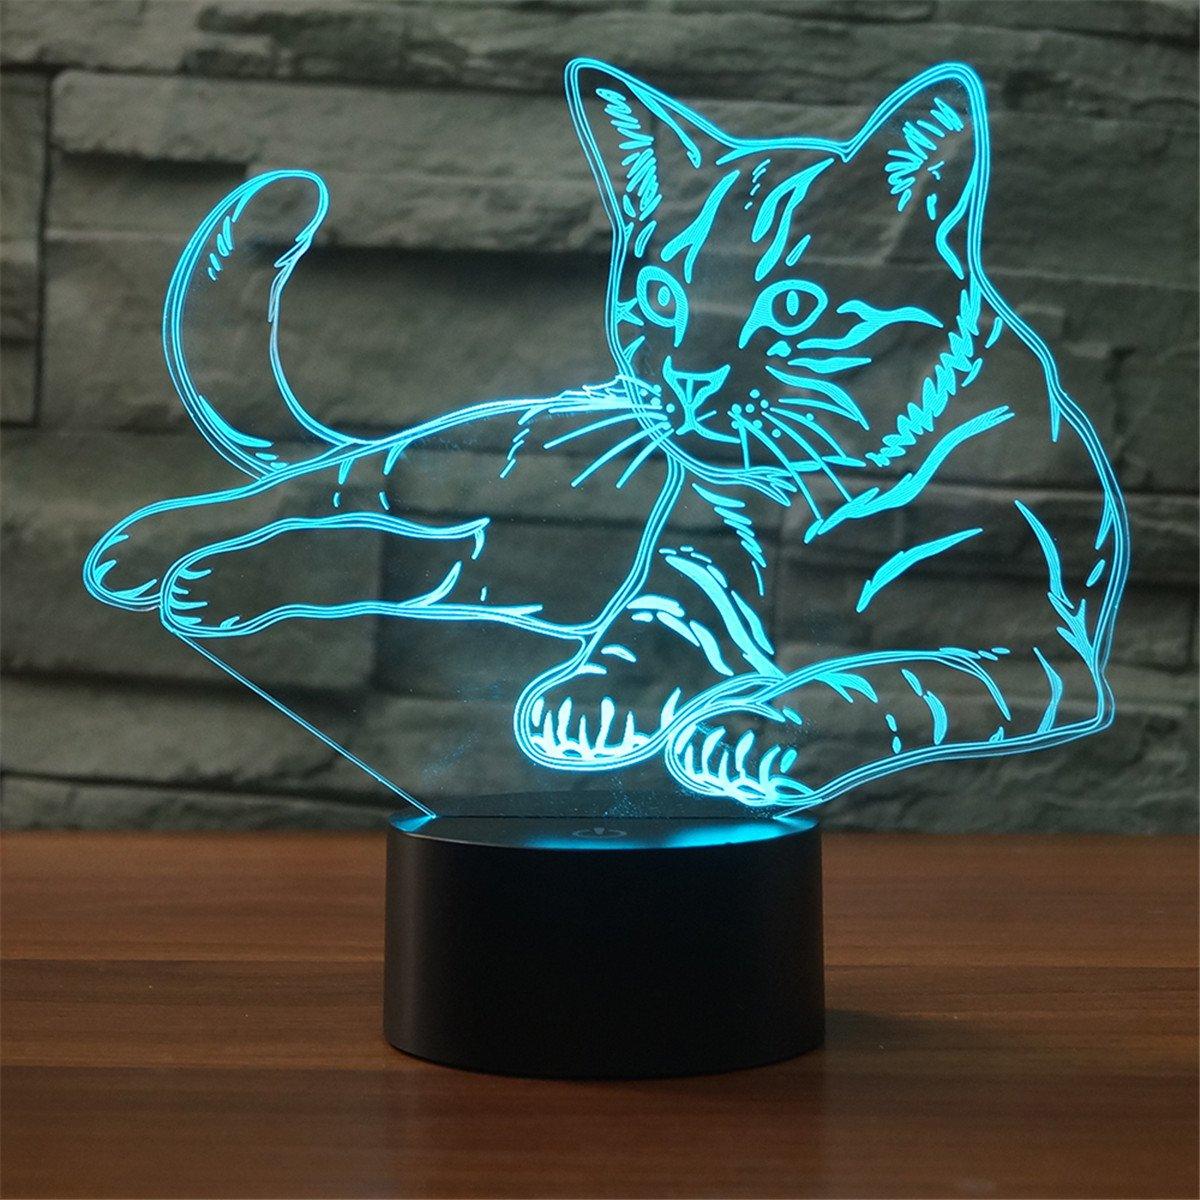 Schöne Katze 3D Nachtlicht Touch Switch LED Tier 3D Lampe 7 Farben USB 3D Illusion Schreibtischlampe Wohnkultur für Kinder Spielzeug Geschenk 1 8201